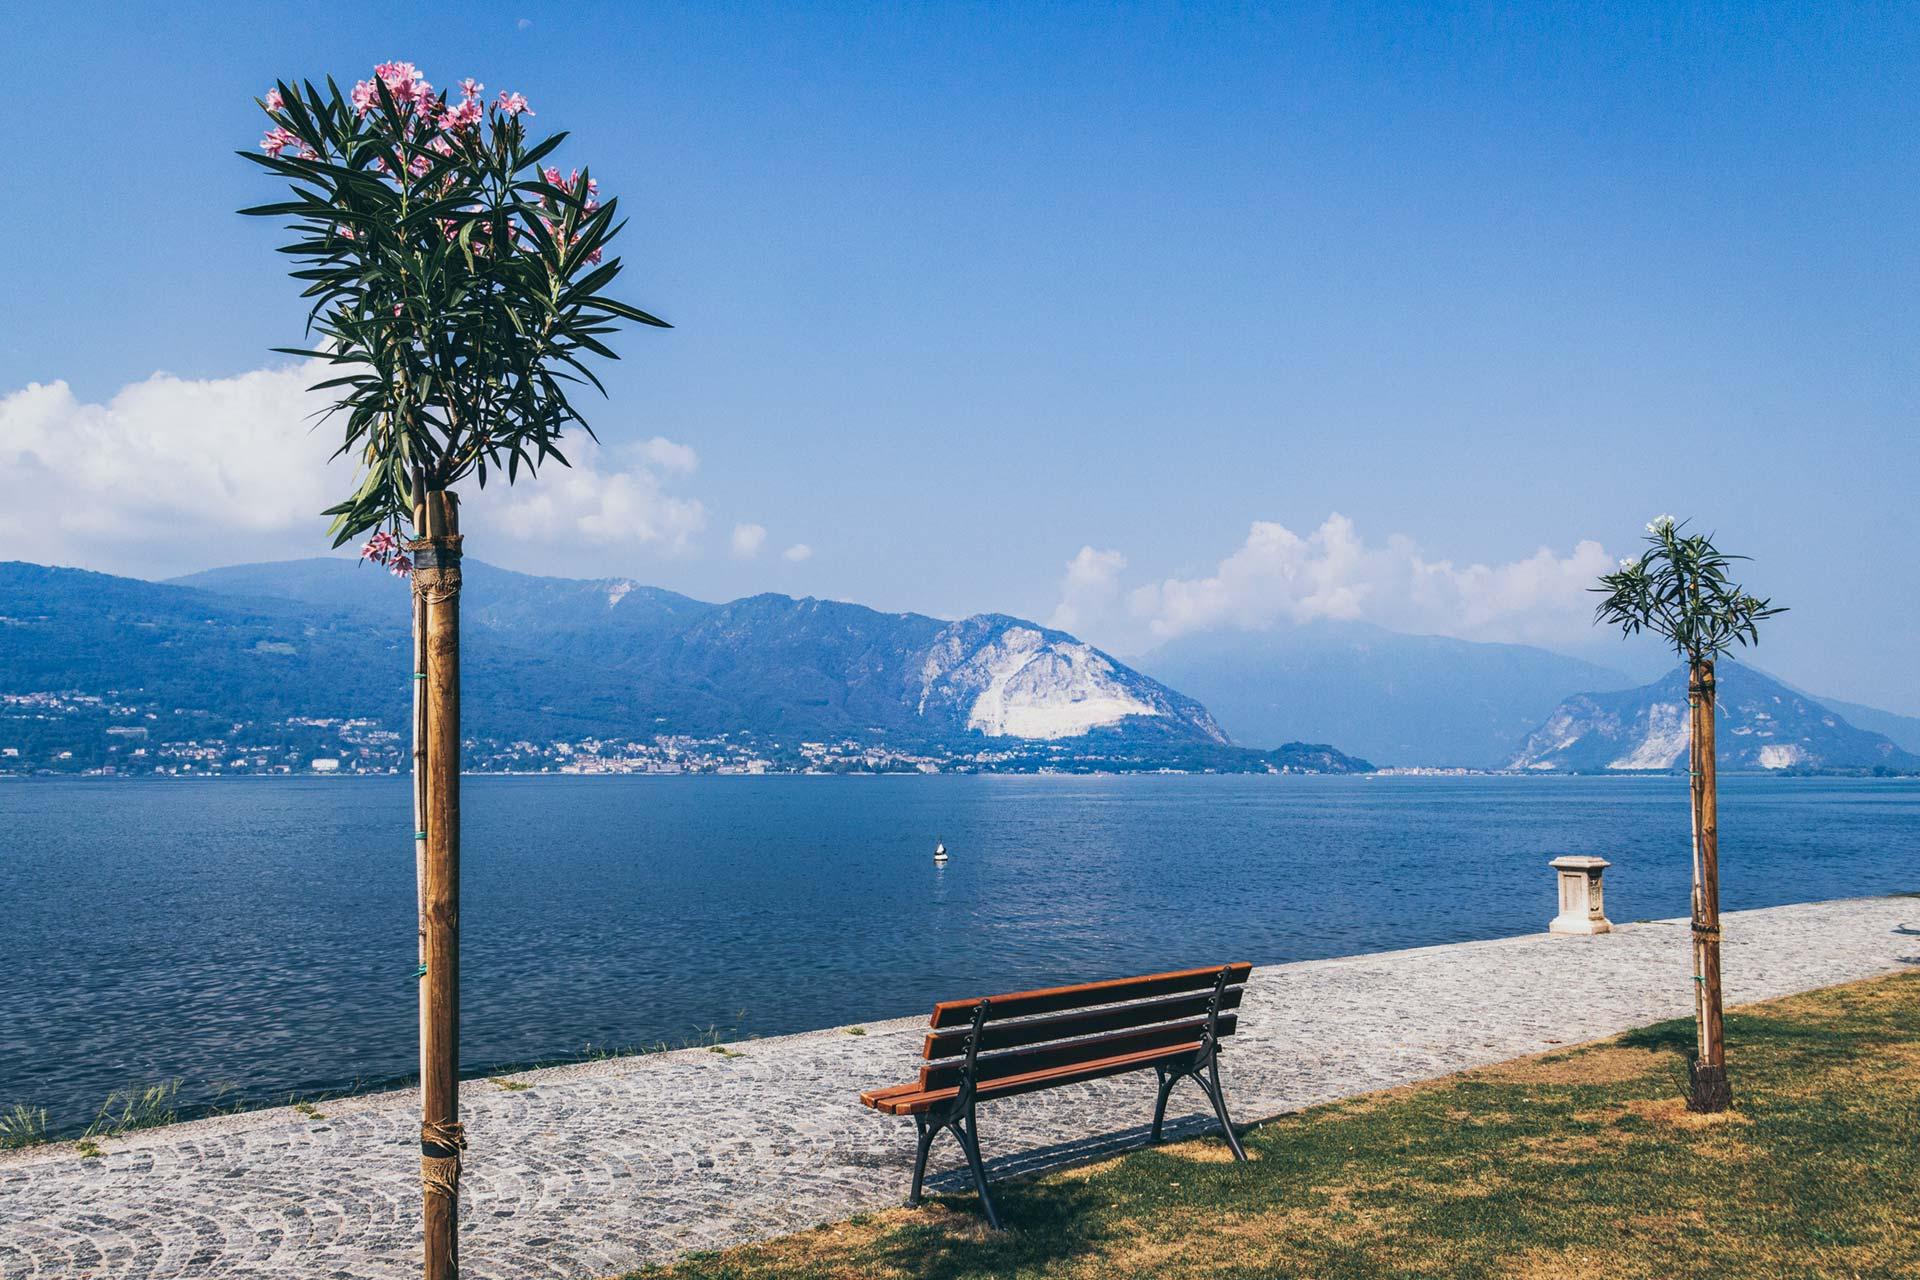 Sightseeing, Seebad, Promenade – alles zusammen am Ufer des Lago Maggiore in Verbania